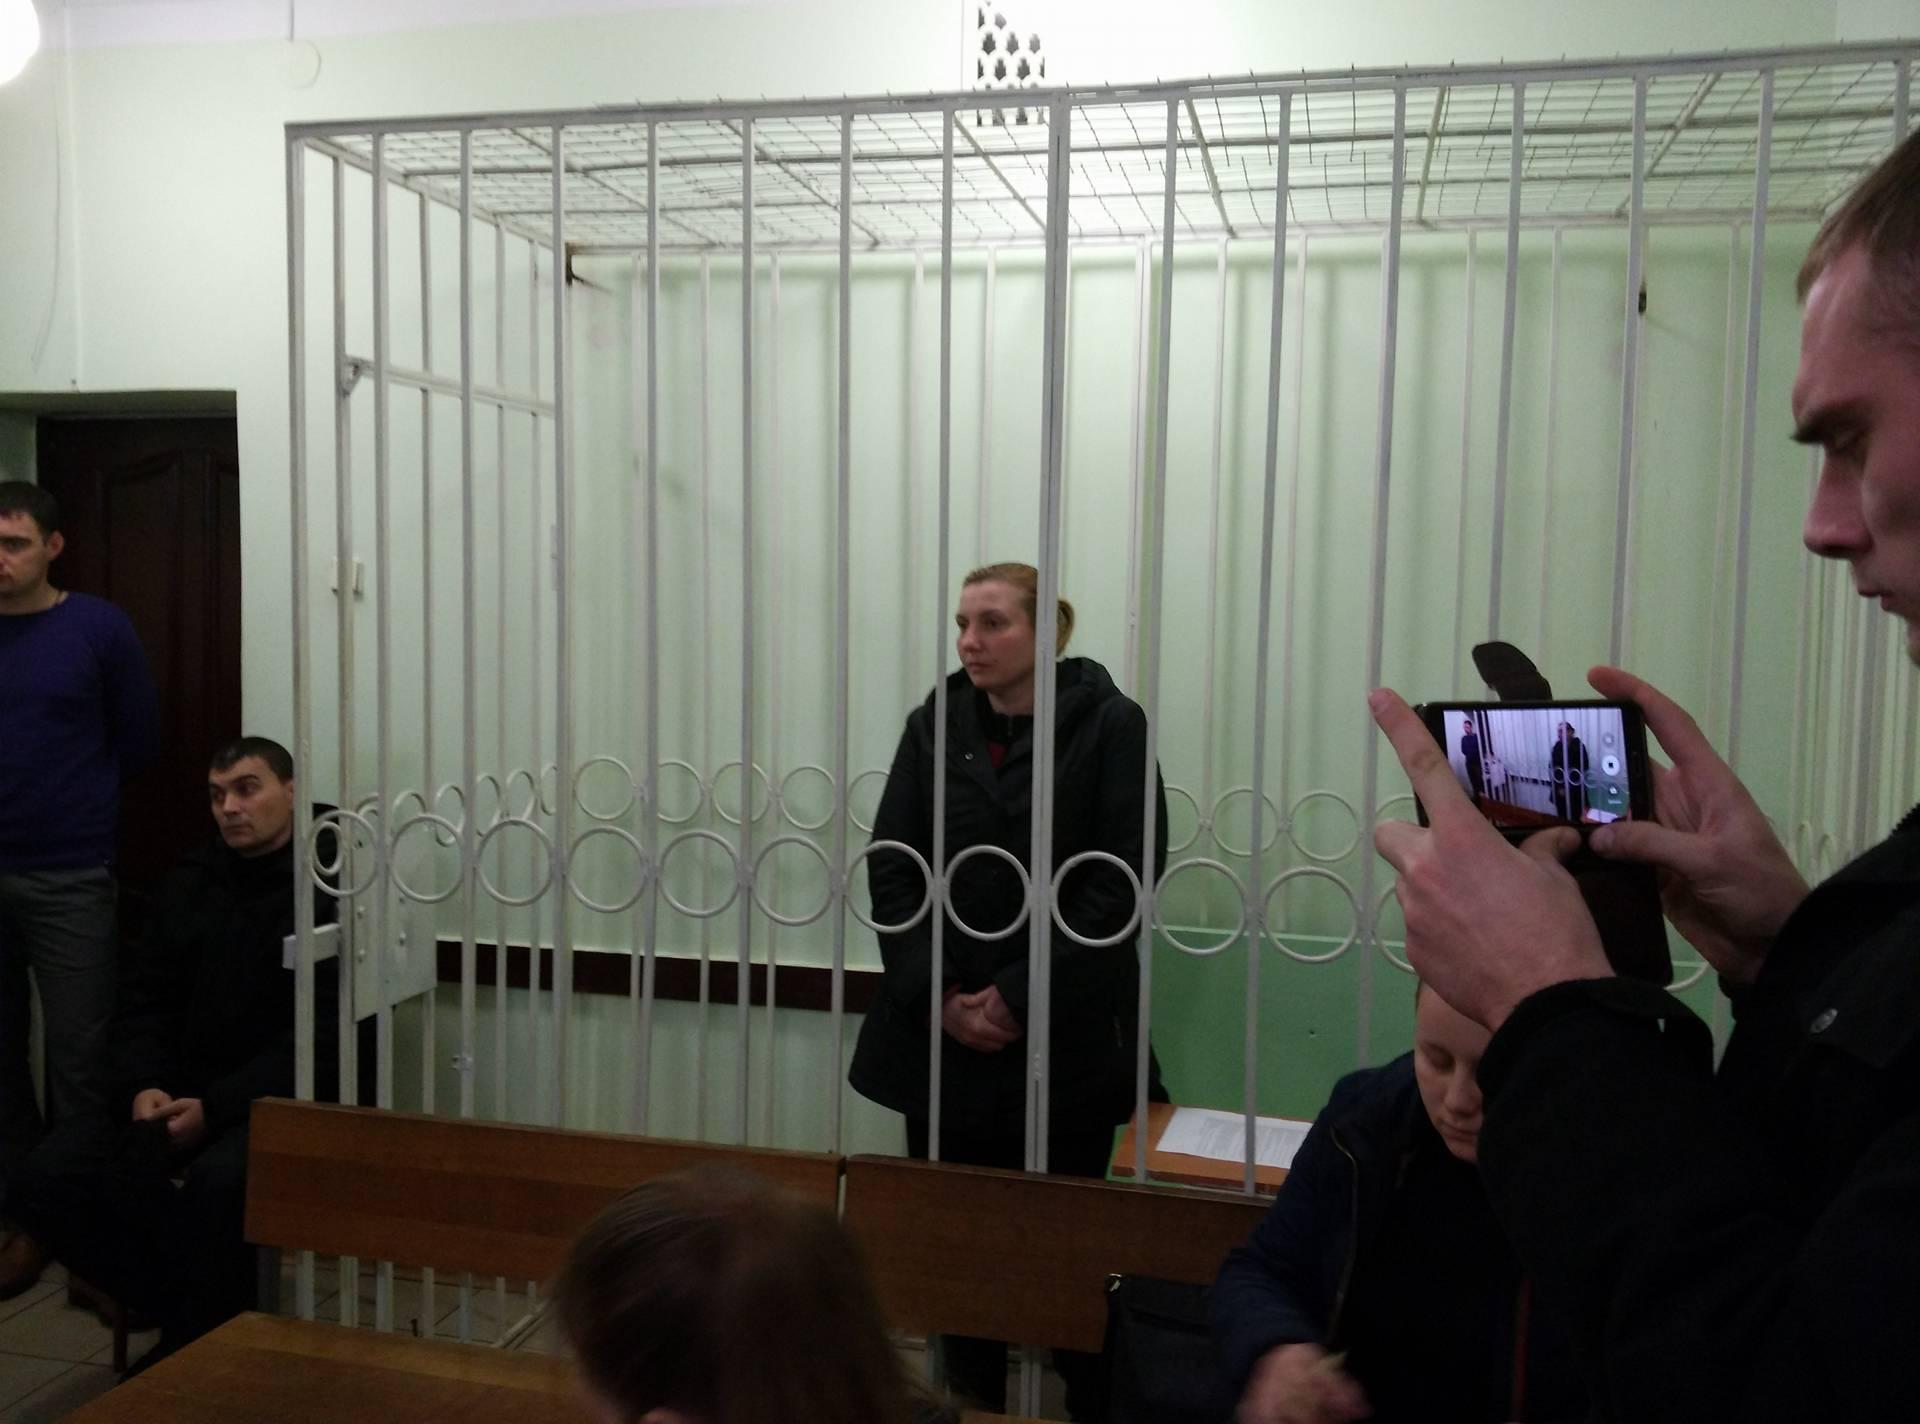 Без Купюр Олені Добродій, яку підозрюють у вбивстві власної доньки, суд обрав запобіжний захід Кримінал  Олена Добродій Кропивницький арешт